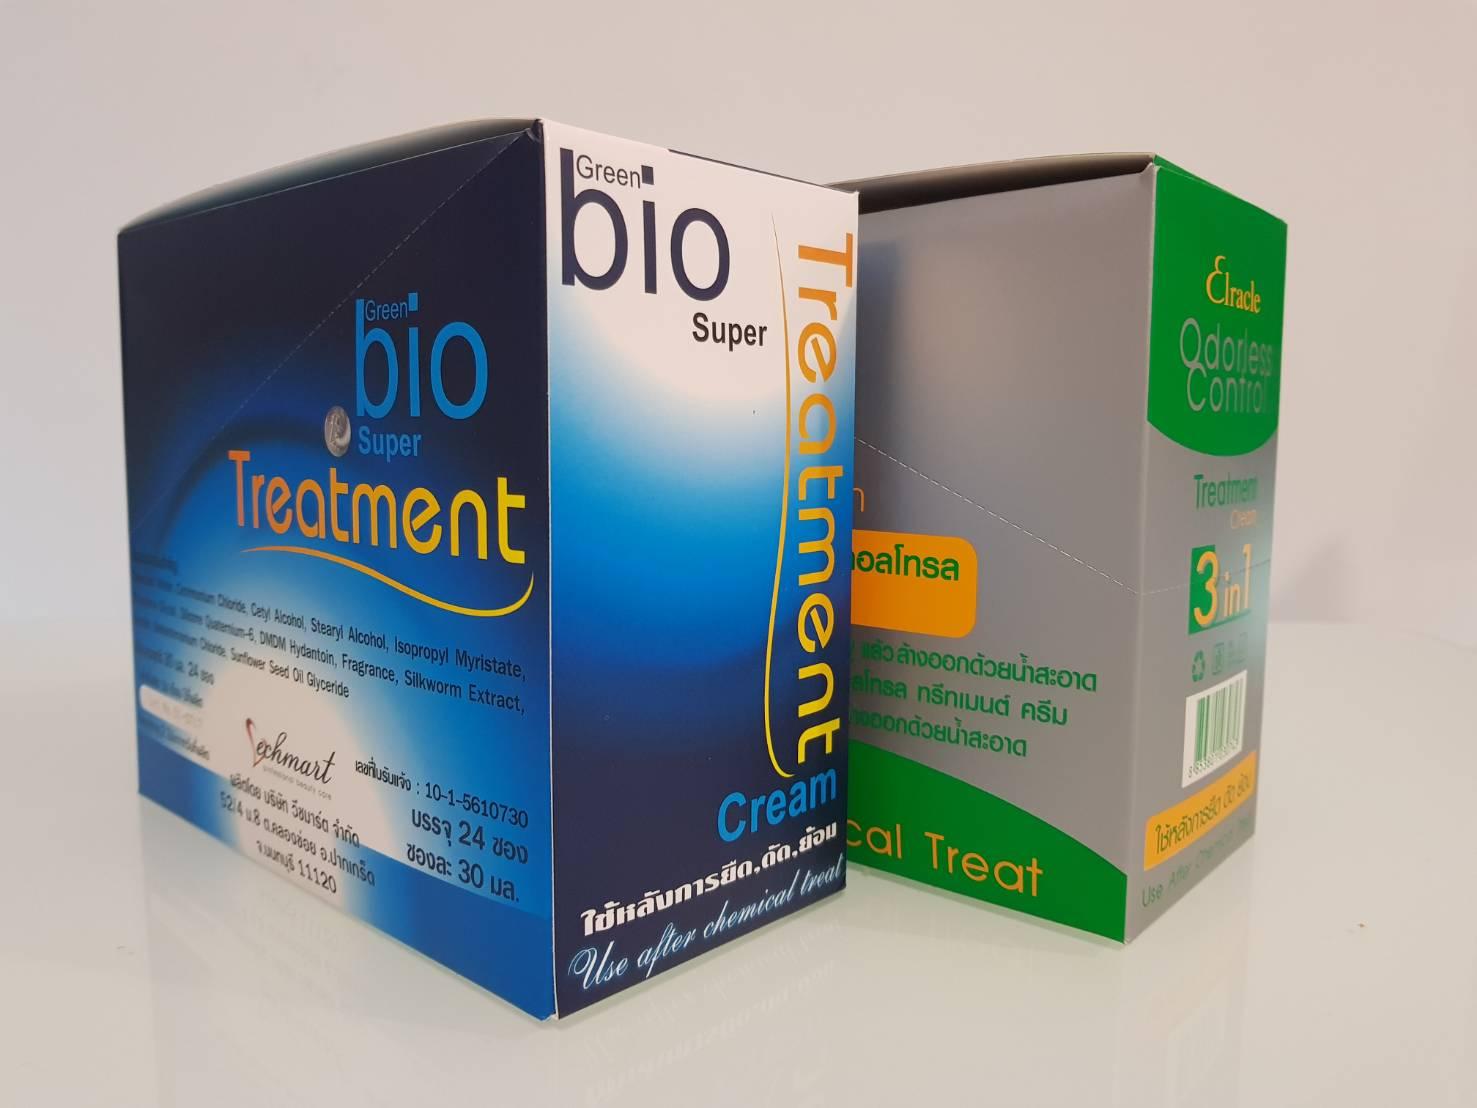 Green Bio Super Treatment กรีนไบโอซุปเปอร์ทรีเม้น